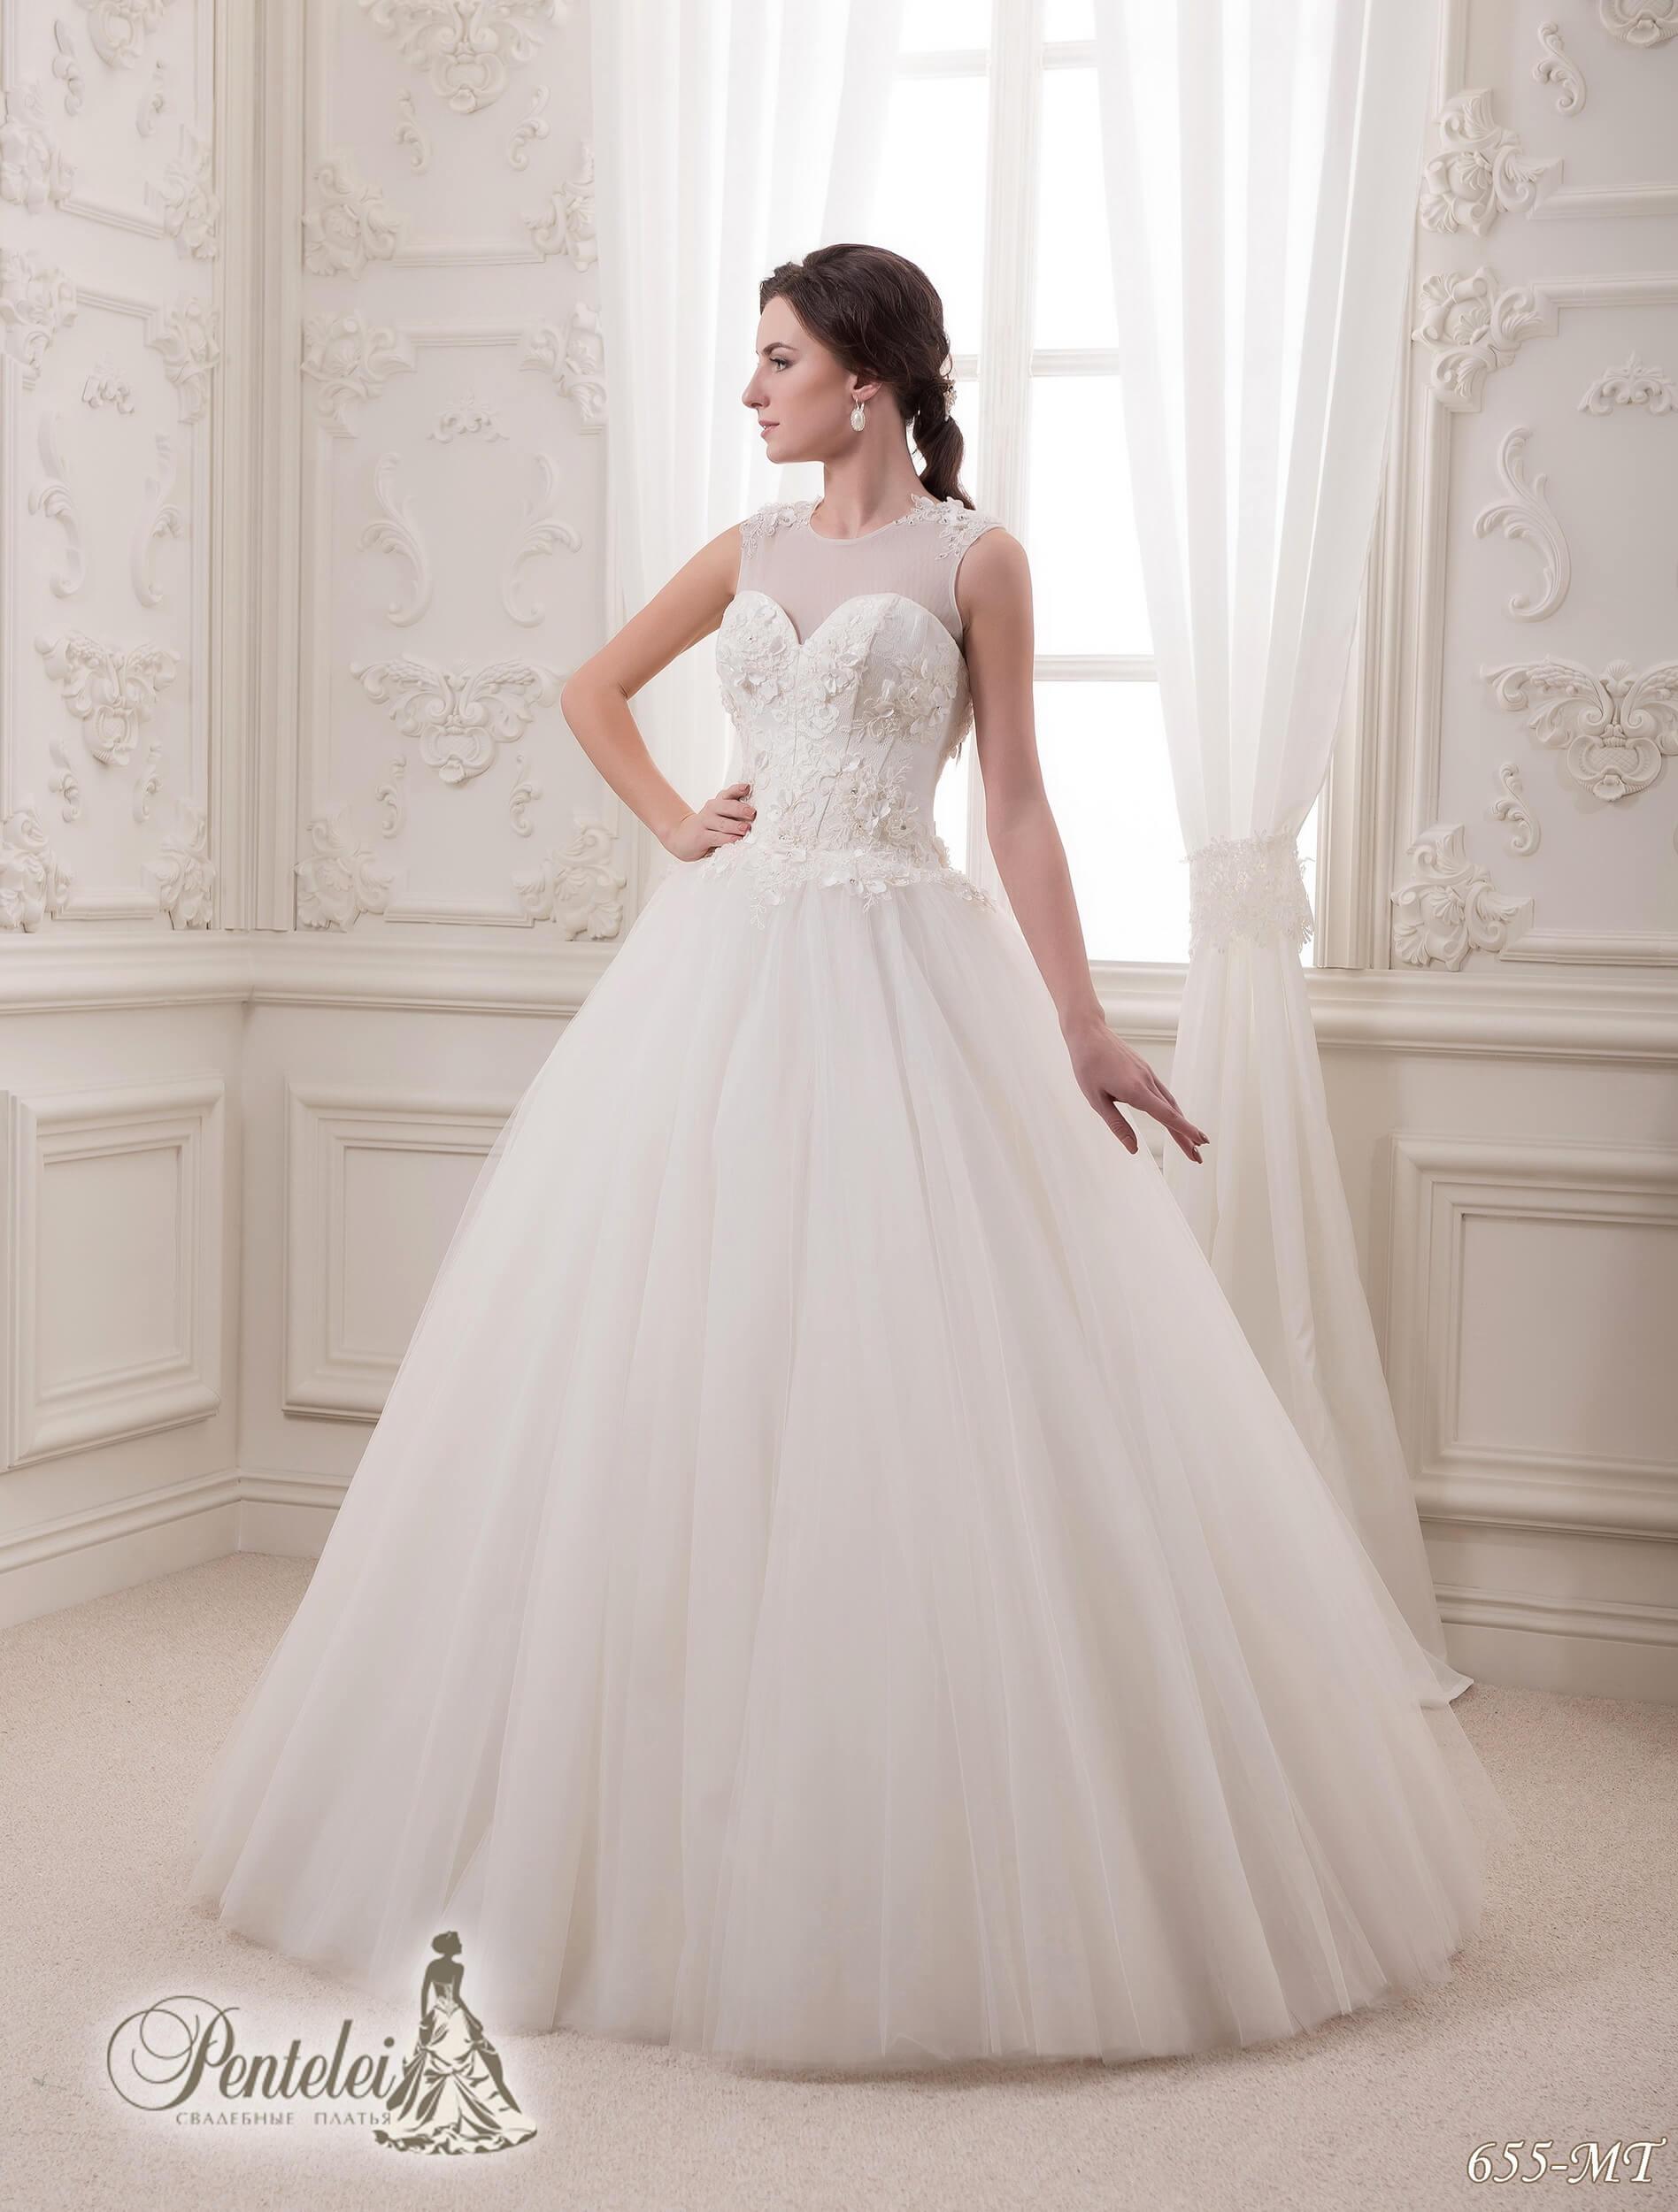 655-MT | Cumpăra rochii de mireasă en-gros de Pentelei